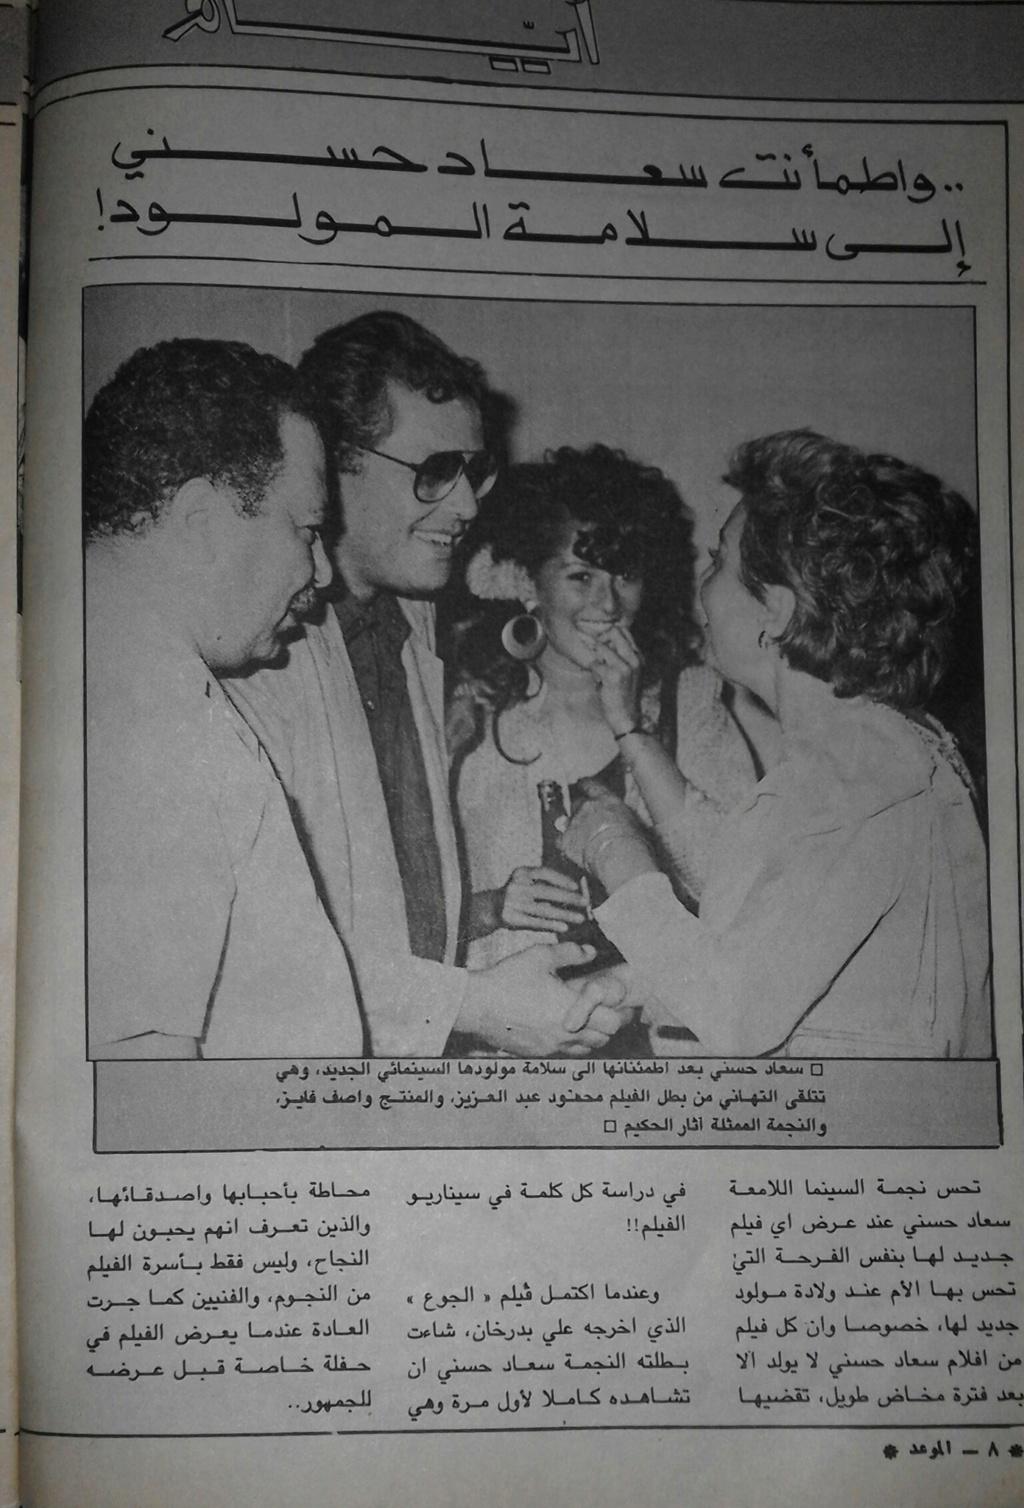 صحفي - مقال صحفي : .. واطمأنت سعاد حسني إلى سلامة المولود ! 1986 م 131